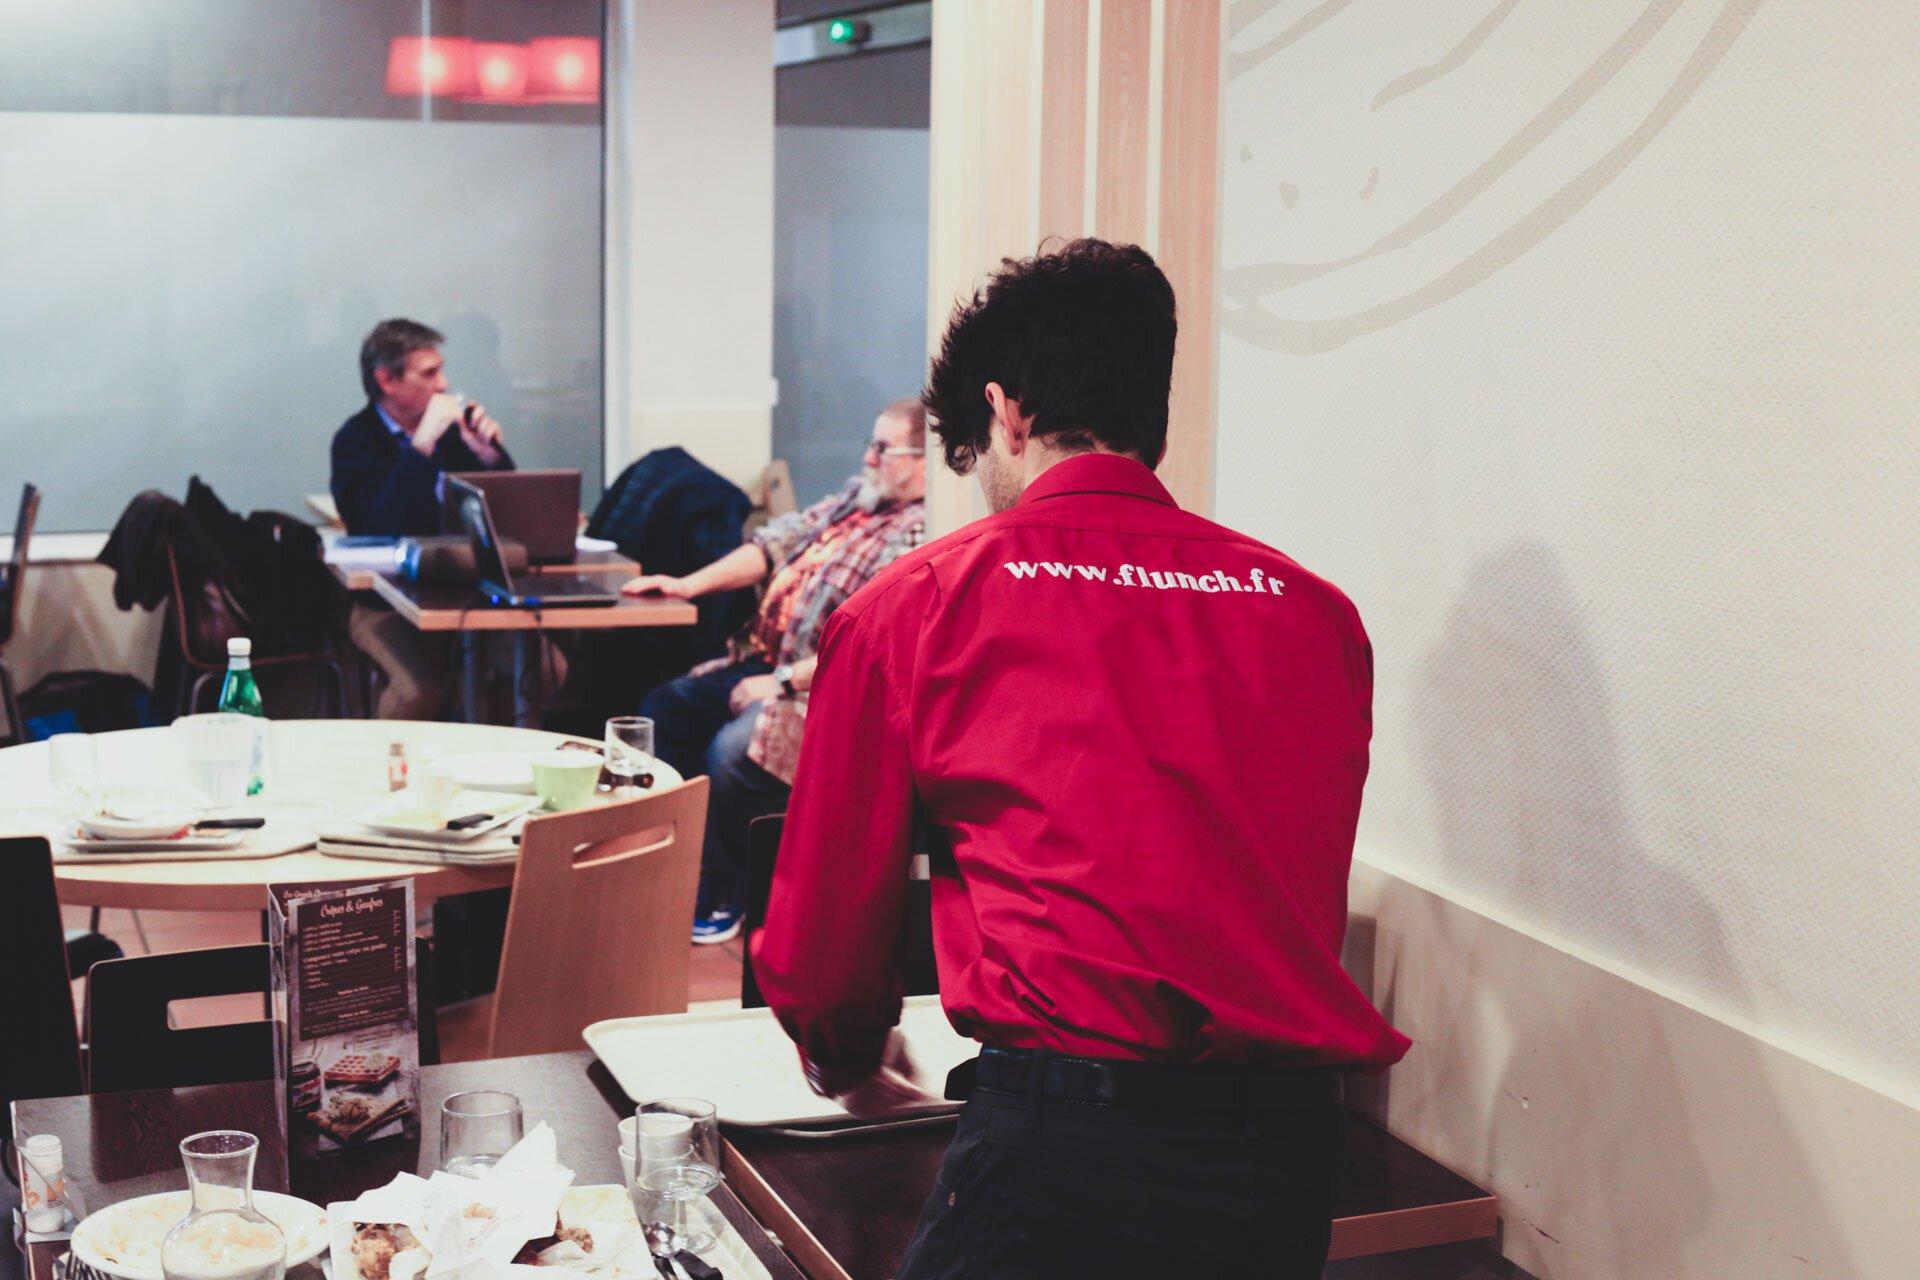 Un serveur du flunch, reconnaissable avec sa chemise rouge, retire des plateaux vides.